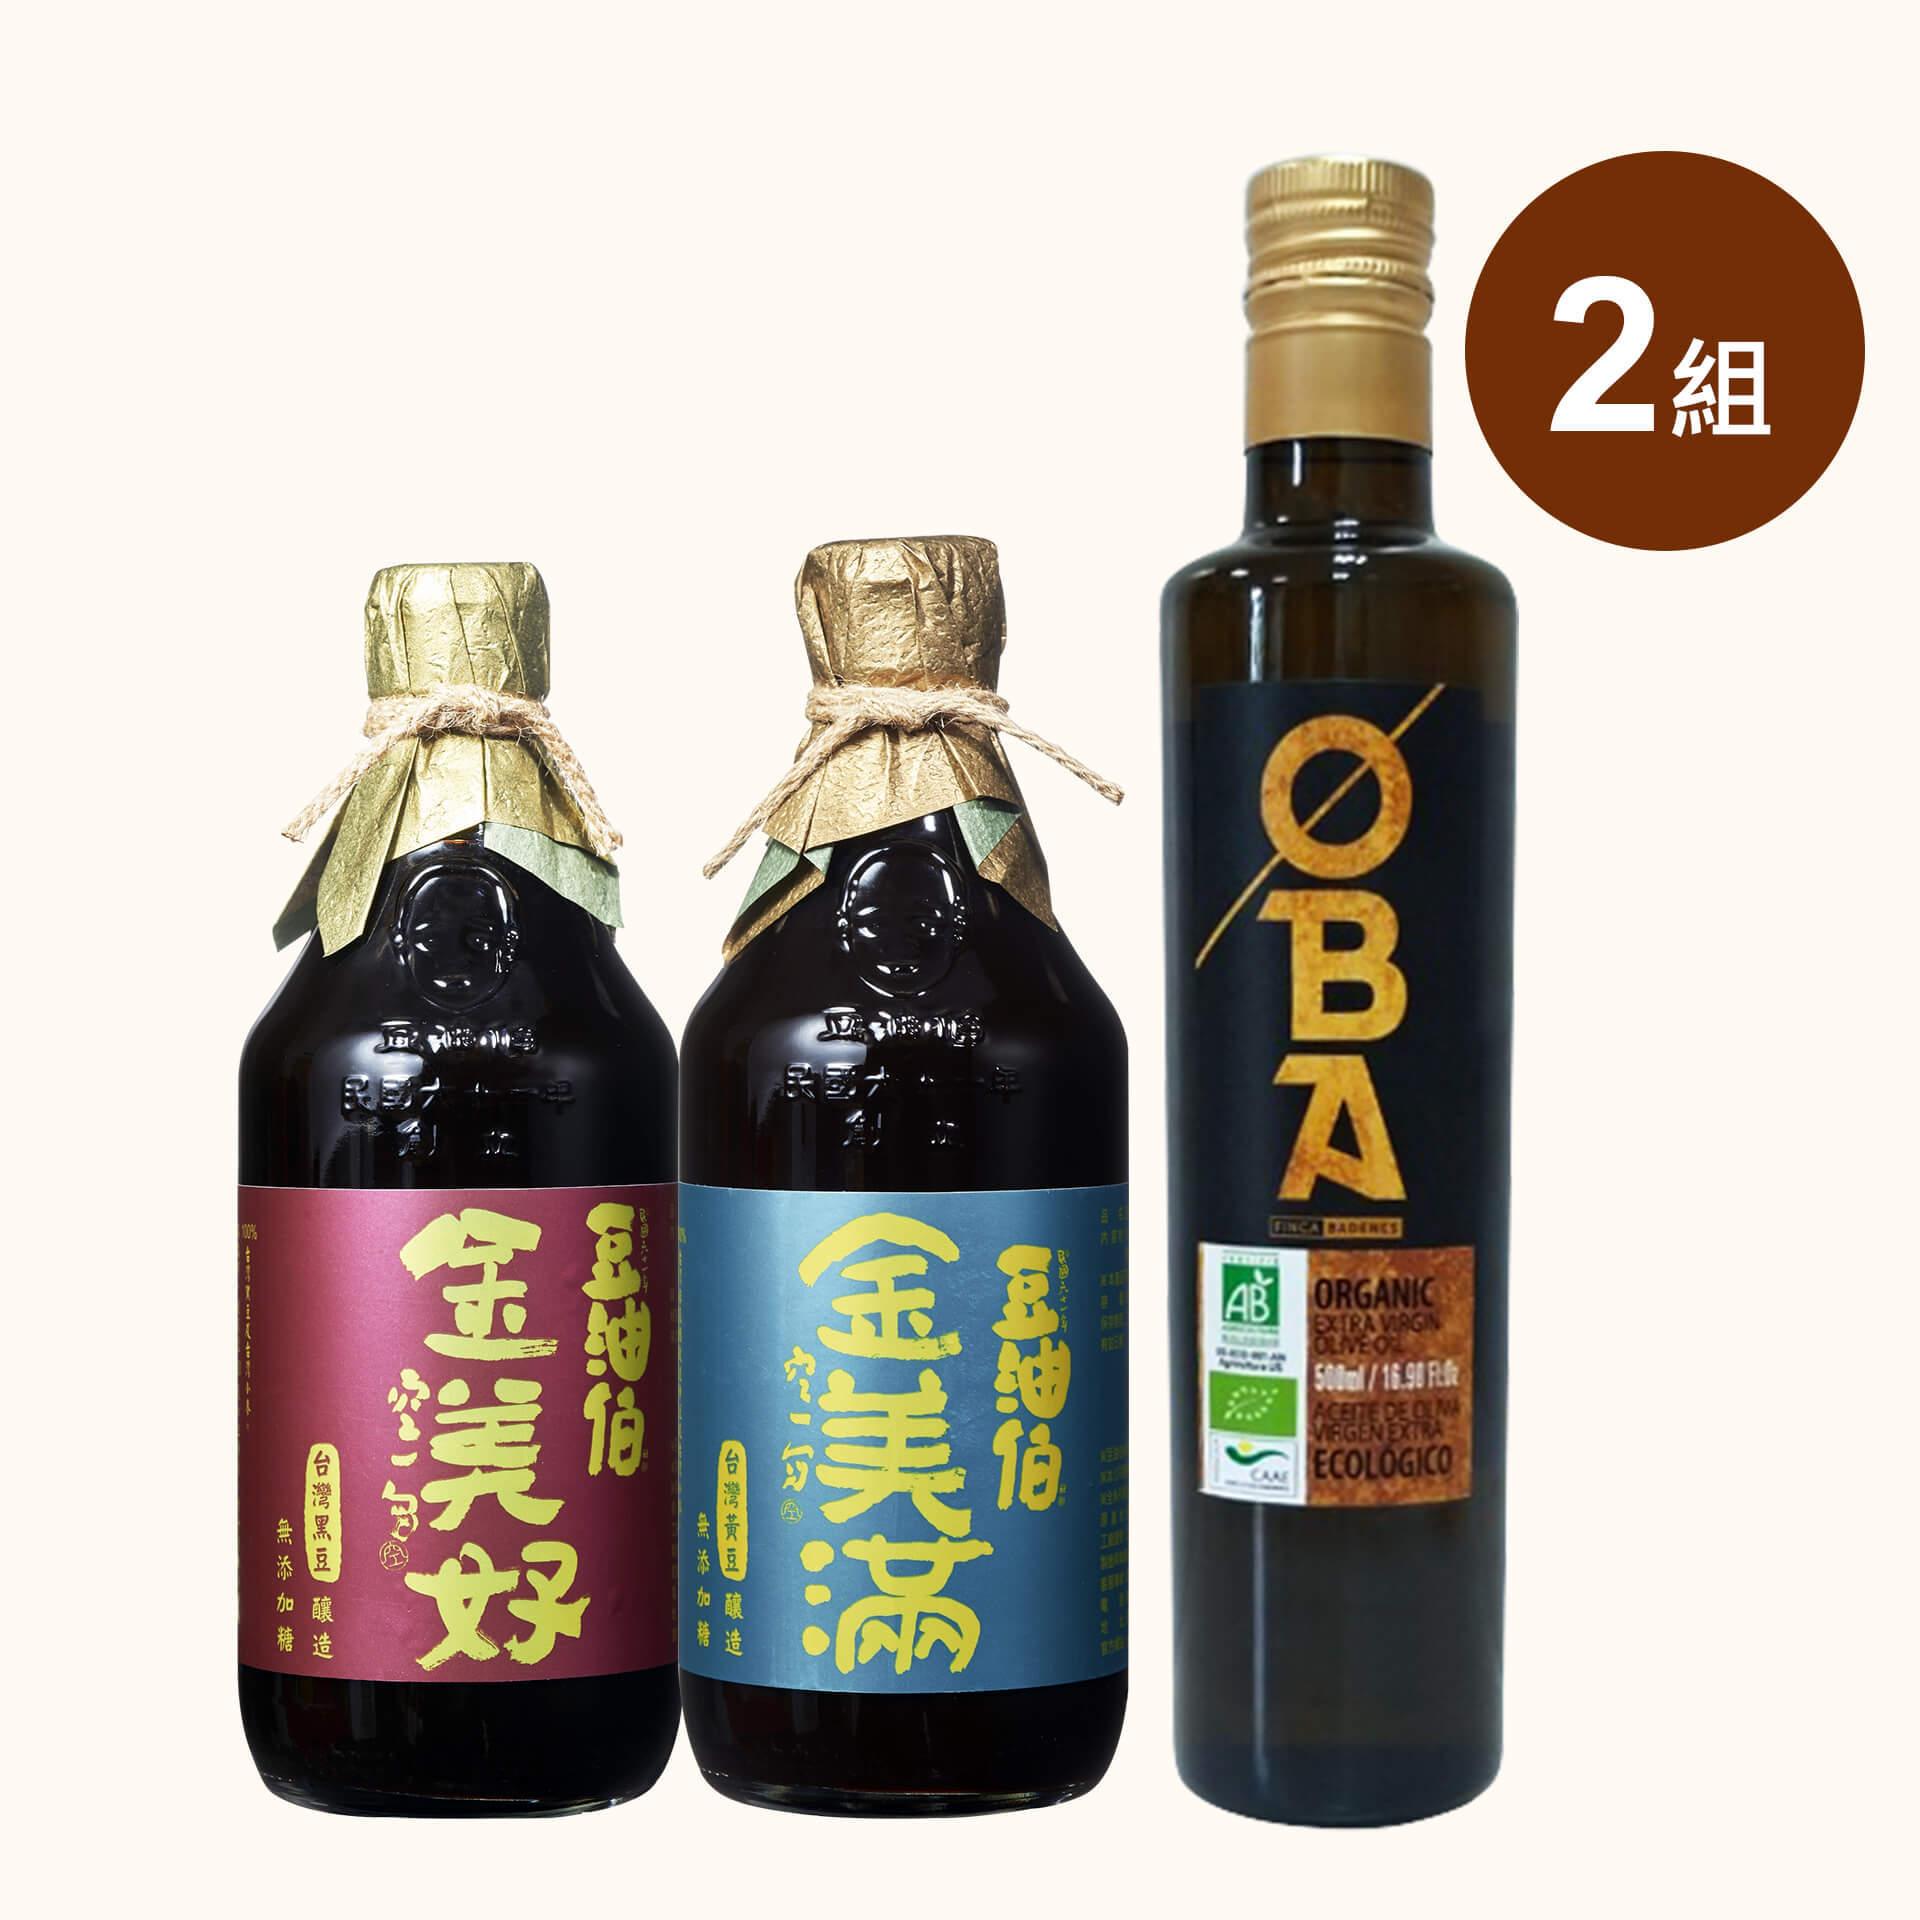 【萬聖派對69折起】OBA橄欖油2入+金美好醬油2入+金美滿醬油2入(共6入)